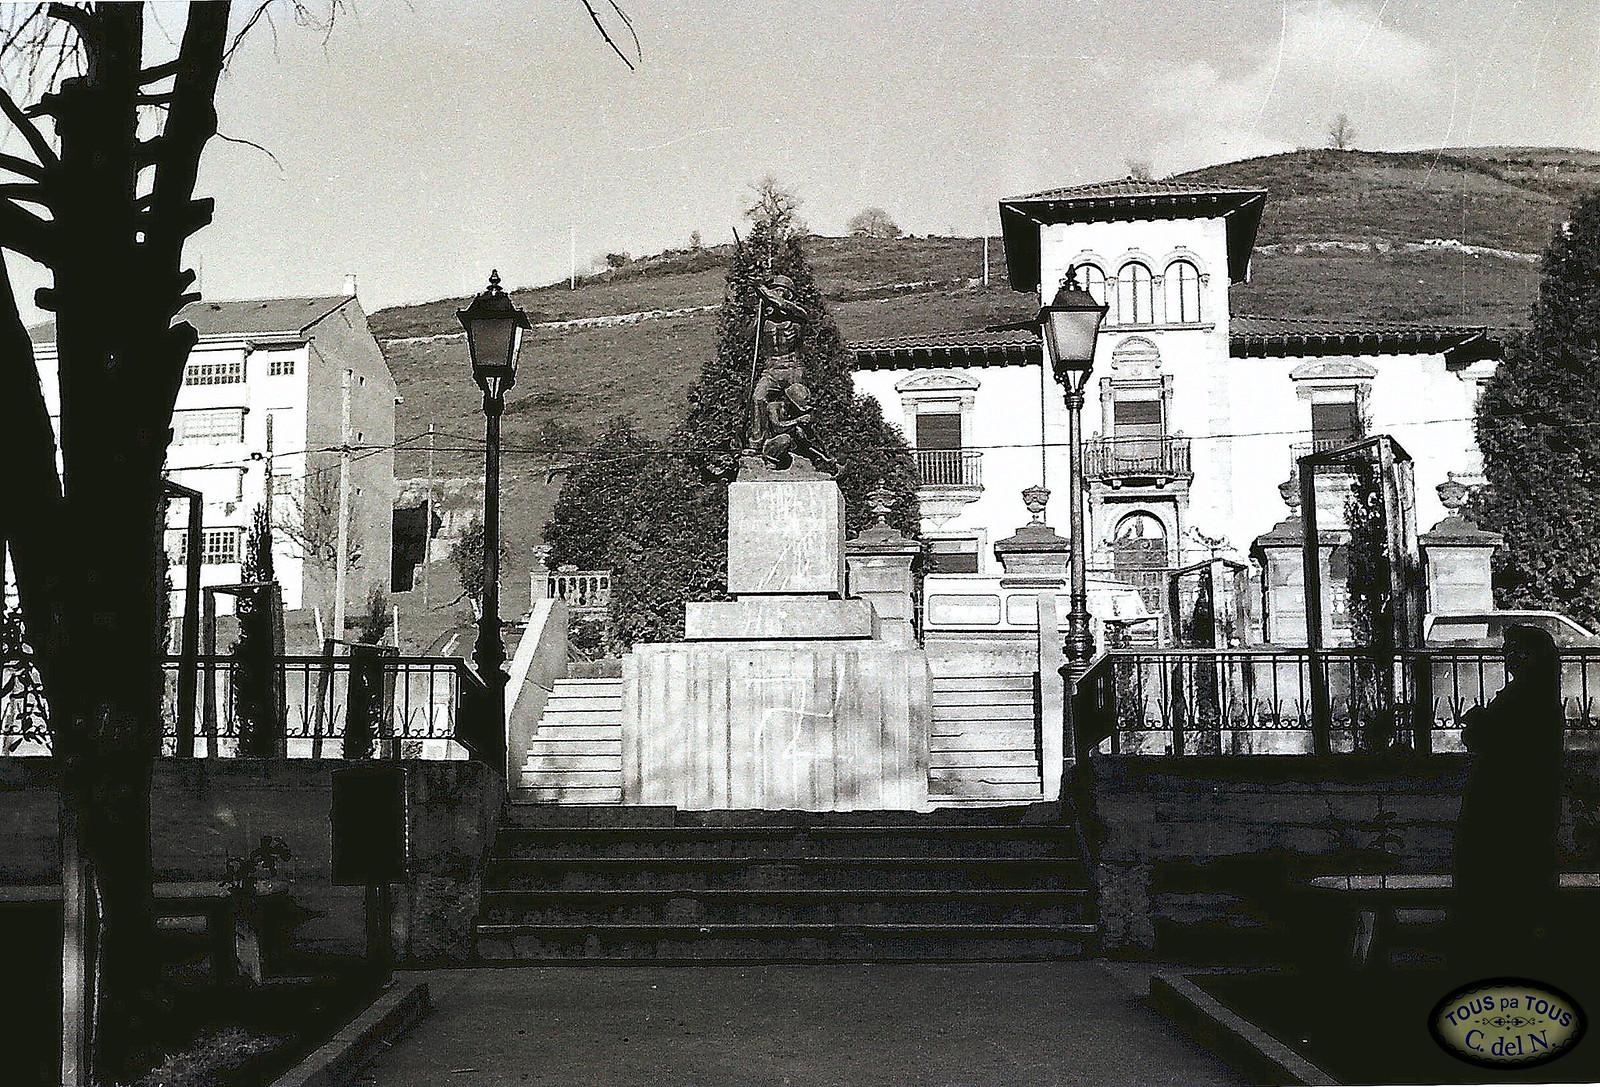 1985 - Monumento a los mineros (1)